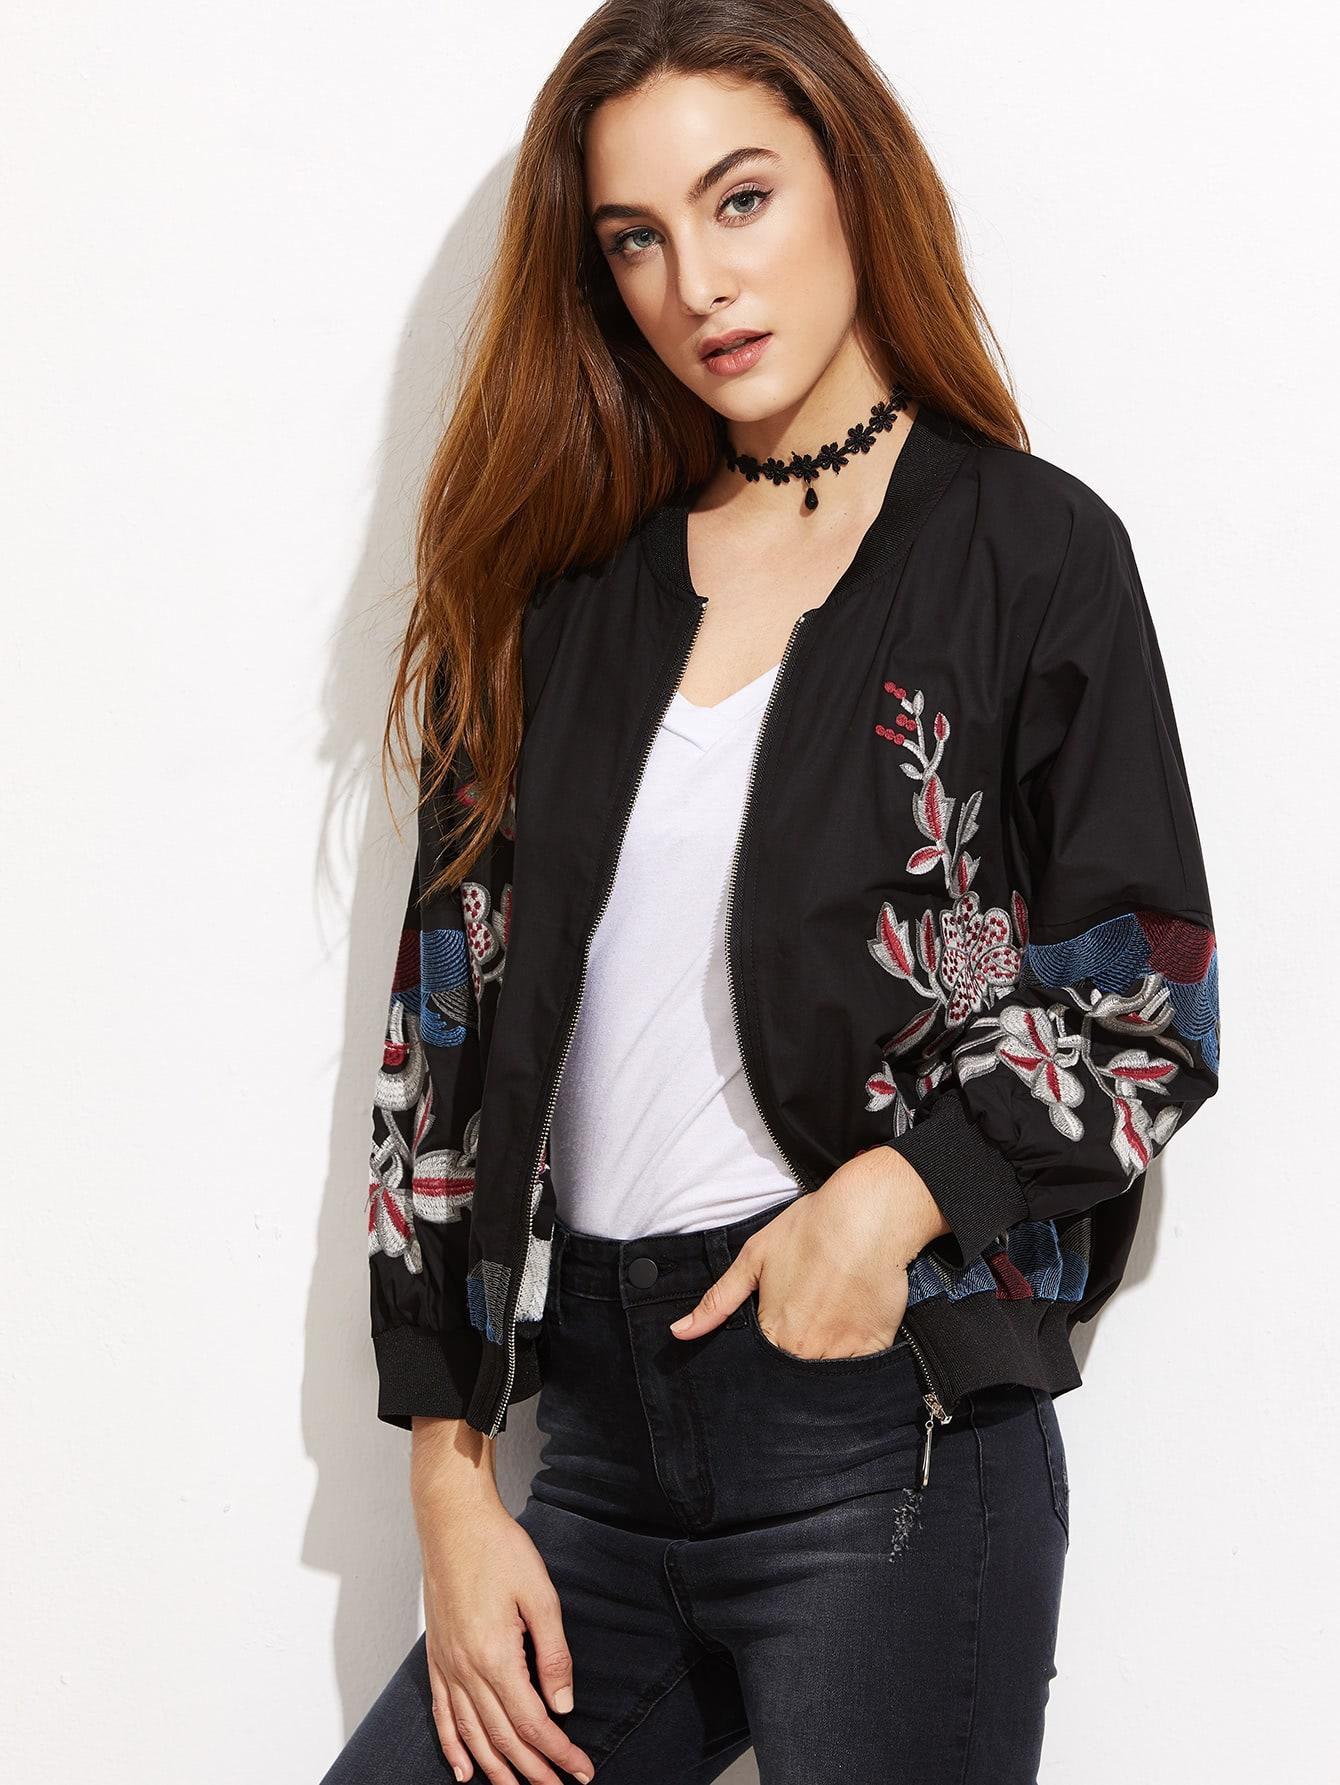 Black Flower Embroidered Ribbed Trim Bomber Jacket jacket161018401